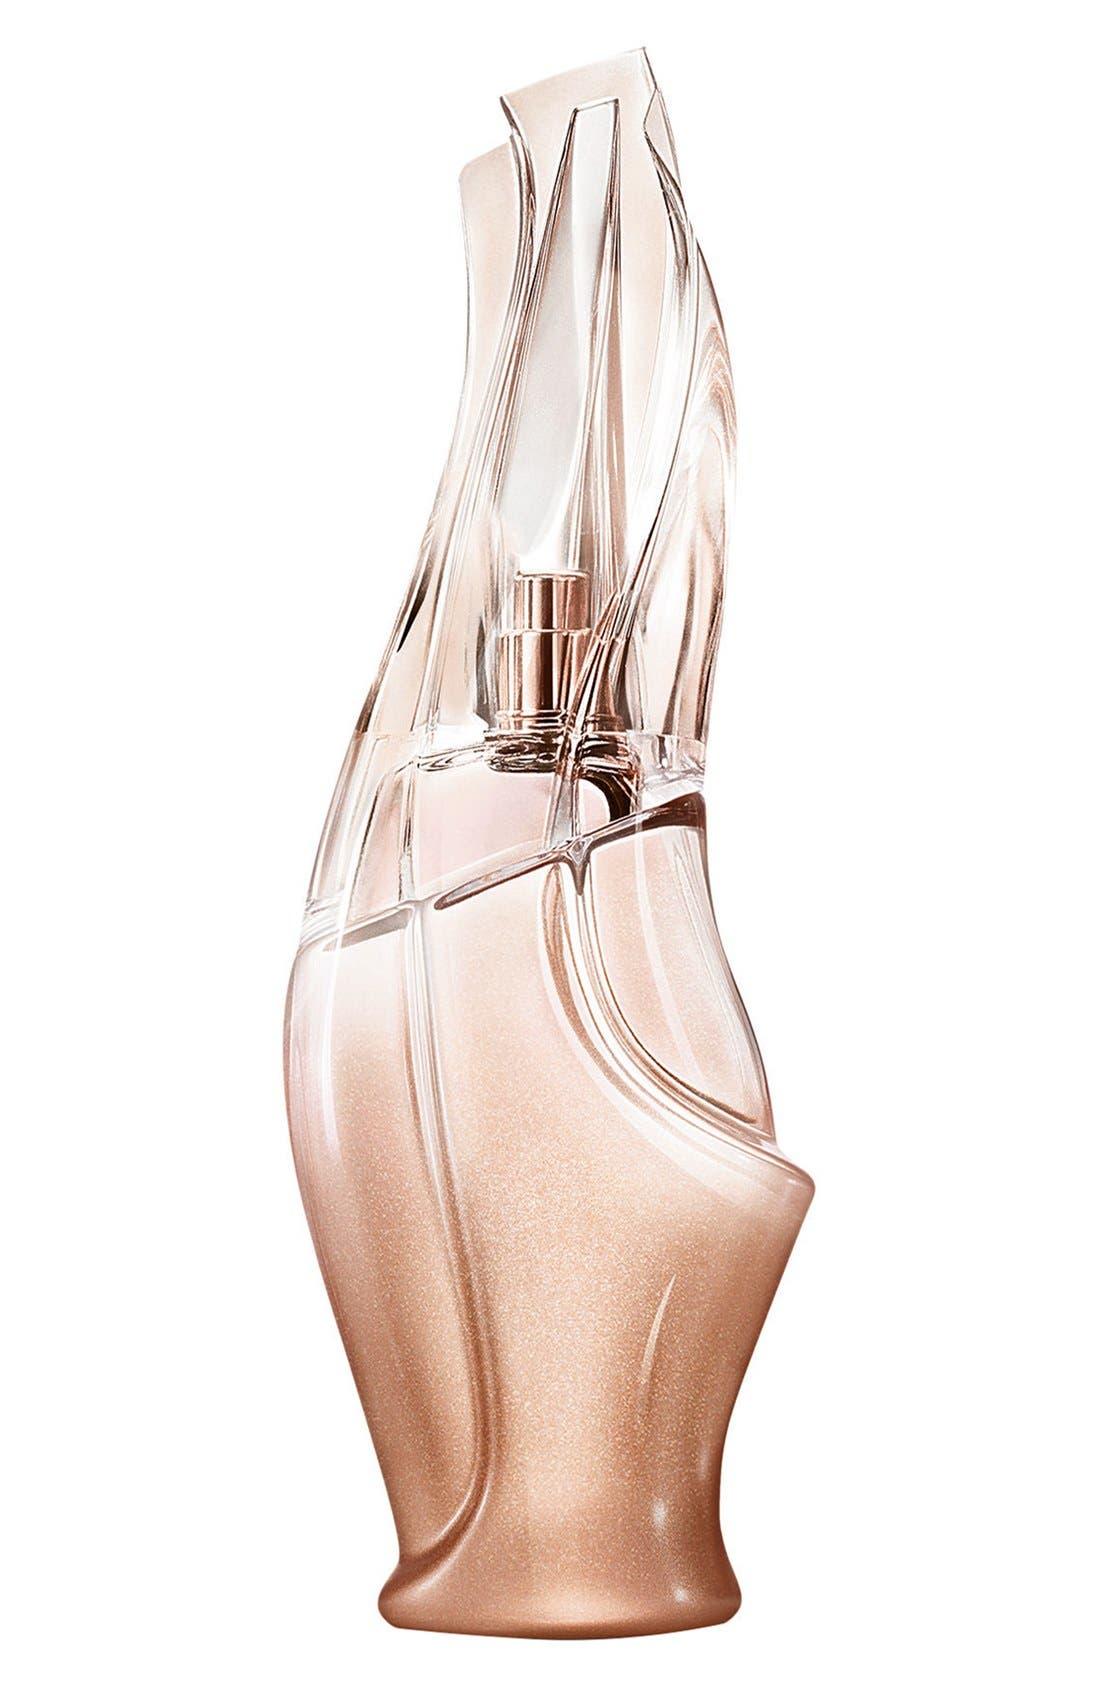 Donna Karan 'Cashmere Aura' Eau de Parfum